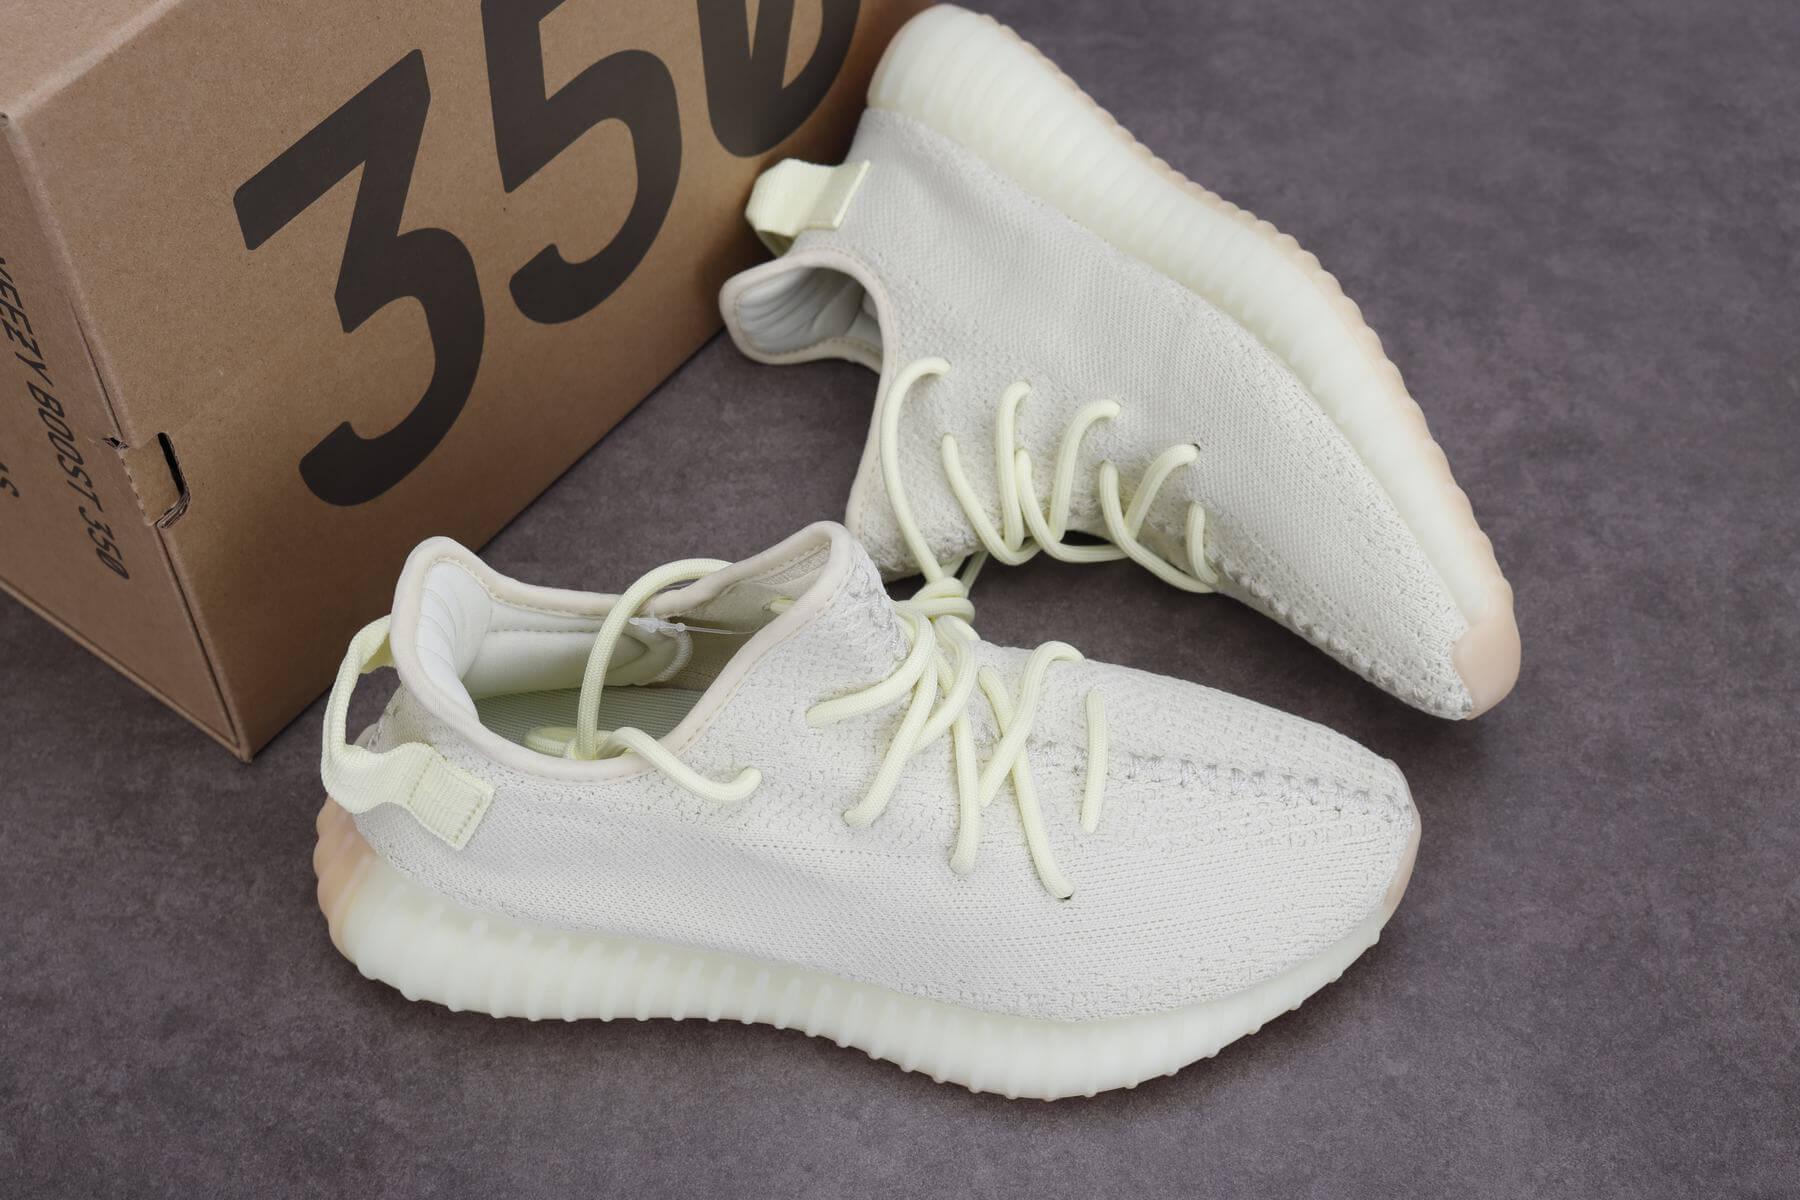 giày adidas yeezy boost 350v2 butter pk god siêu cấp